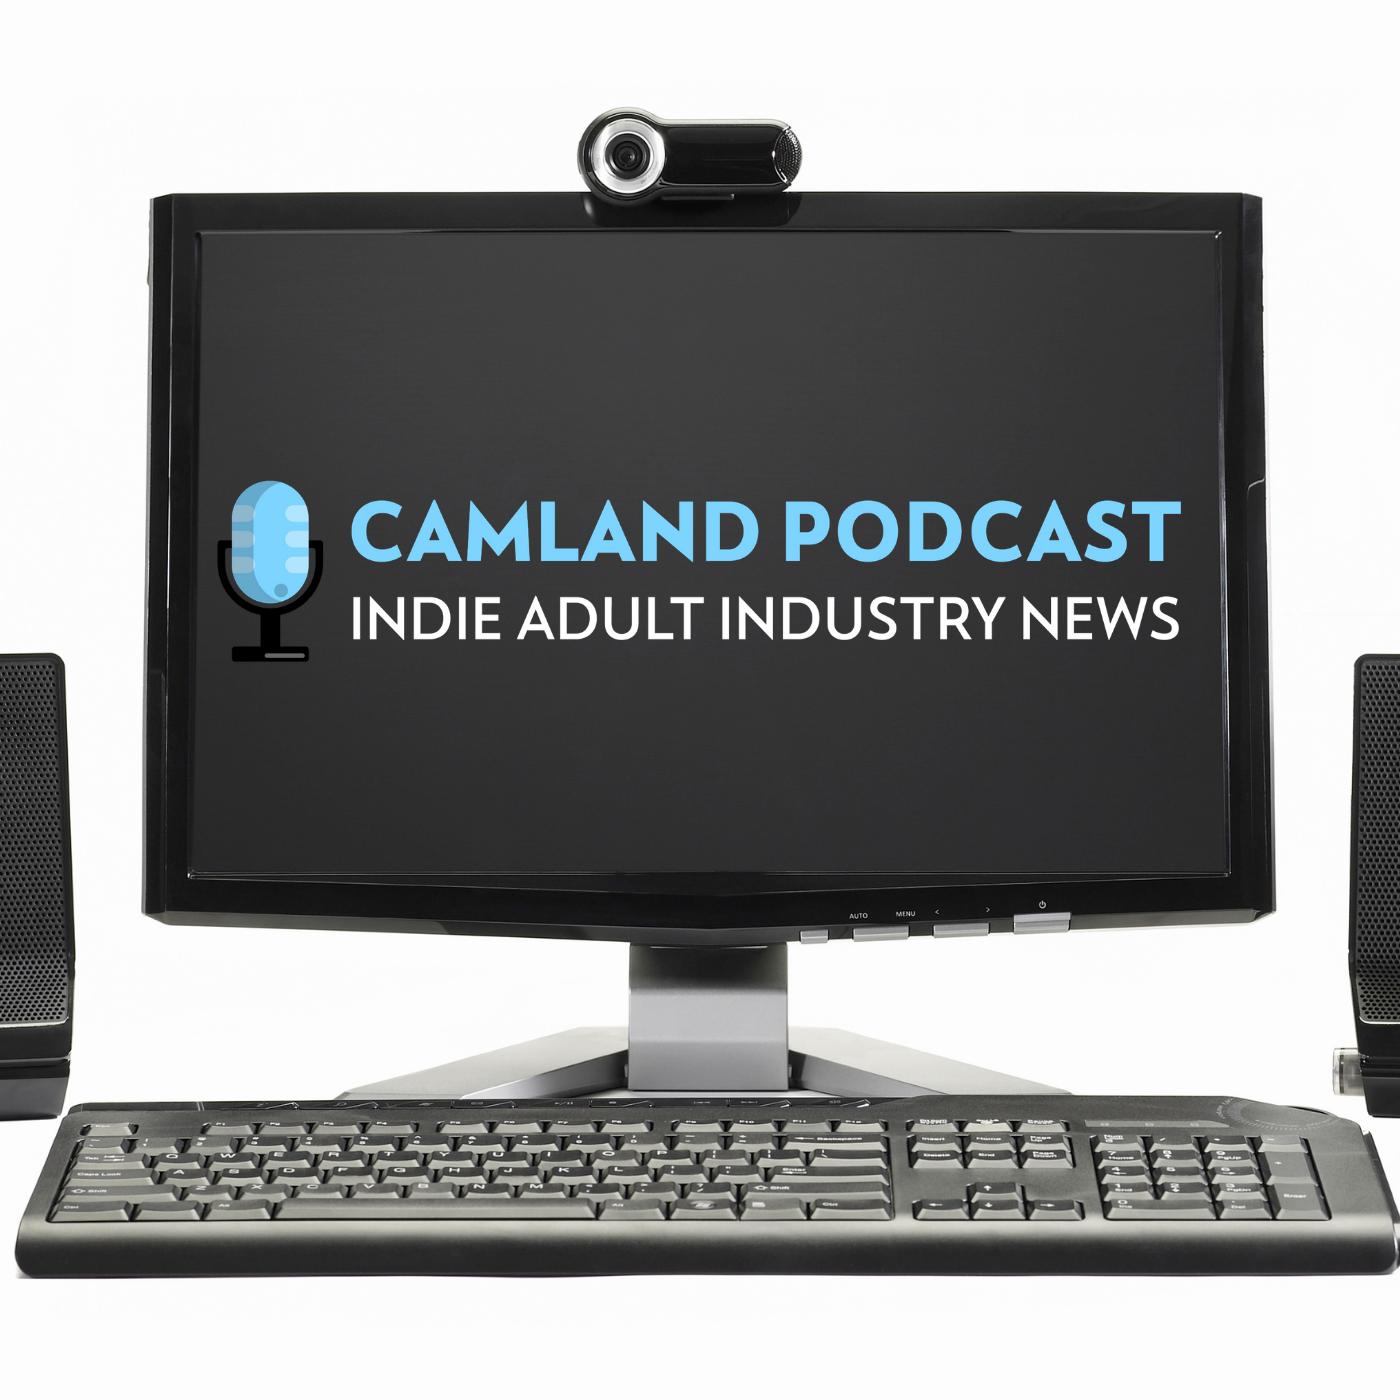 Camland Podcast